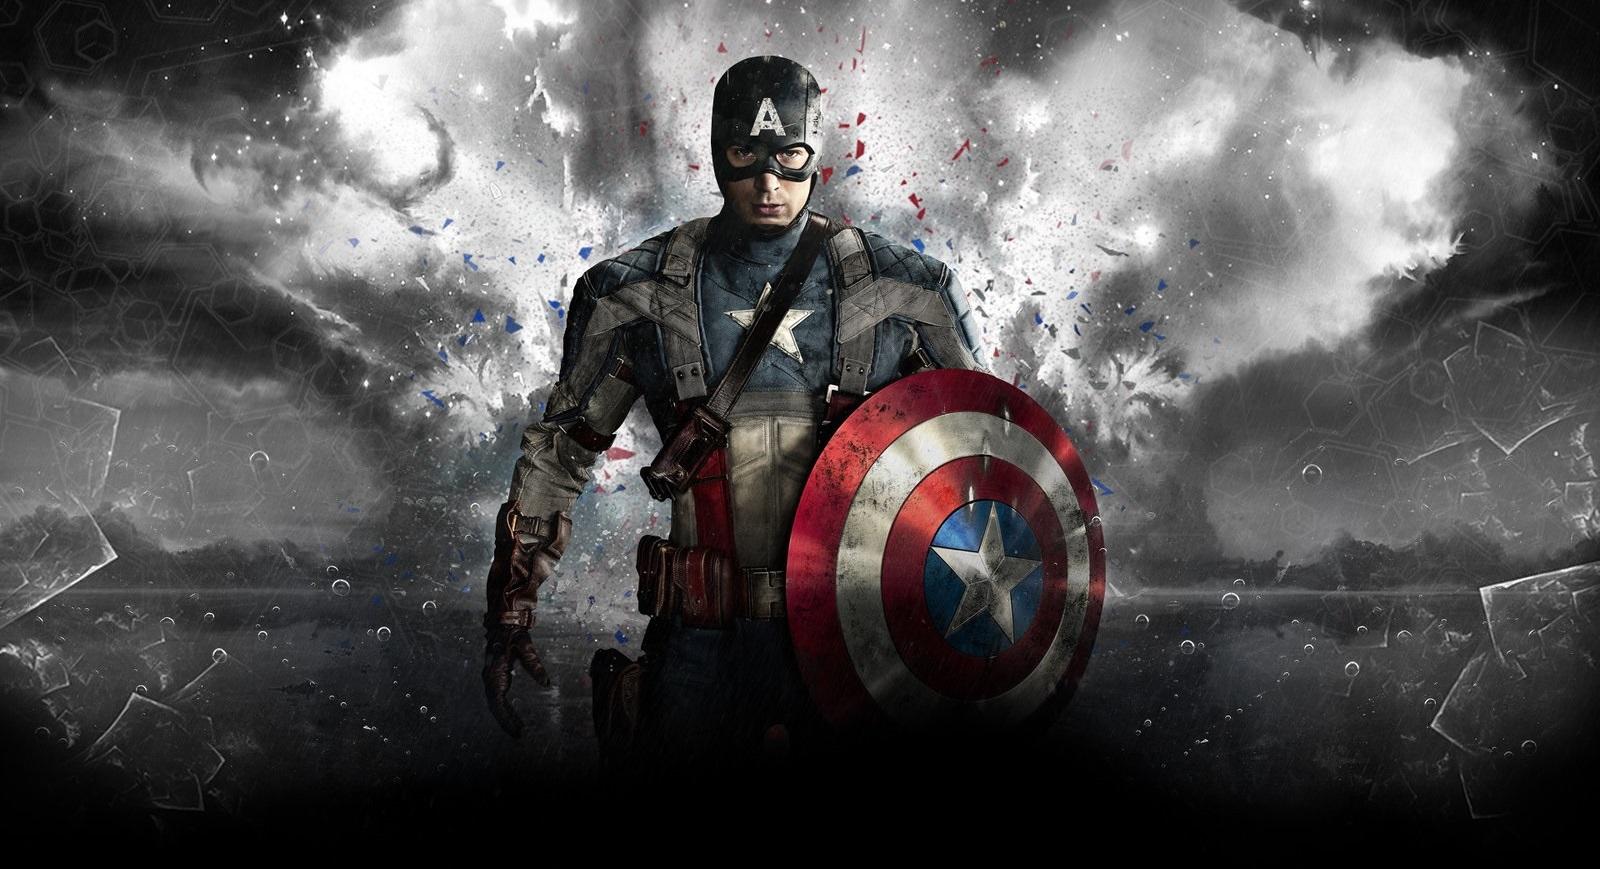 Captain America Wallpaper Hd Wallpapersafari